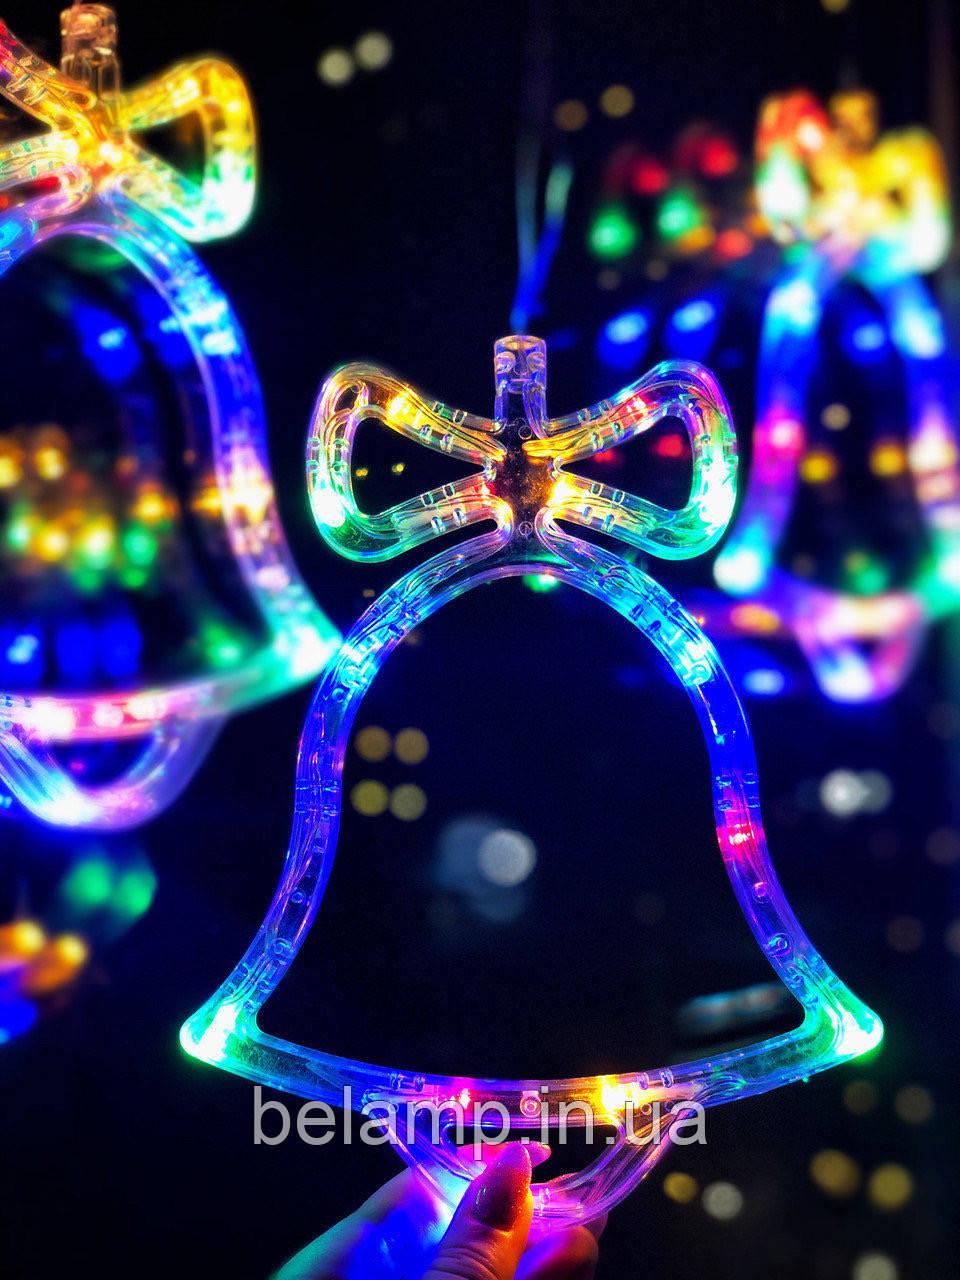 Новогодний колокольчик разноцветный: украшение на окно. цена за 1 колокольчик